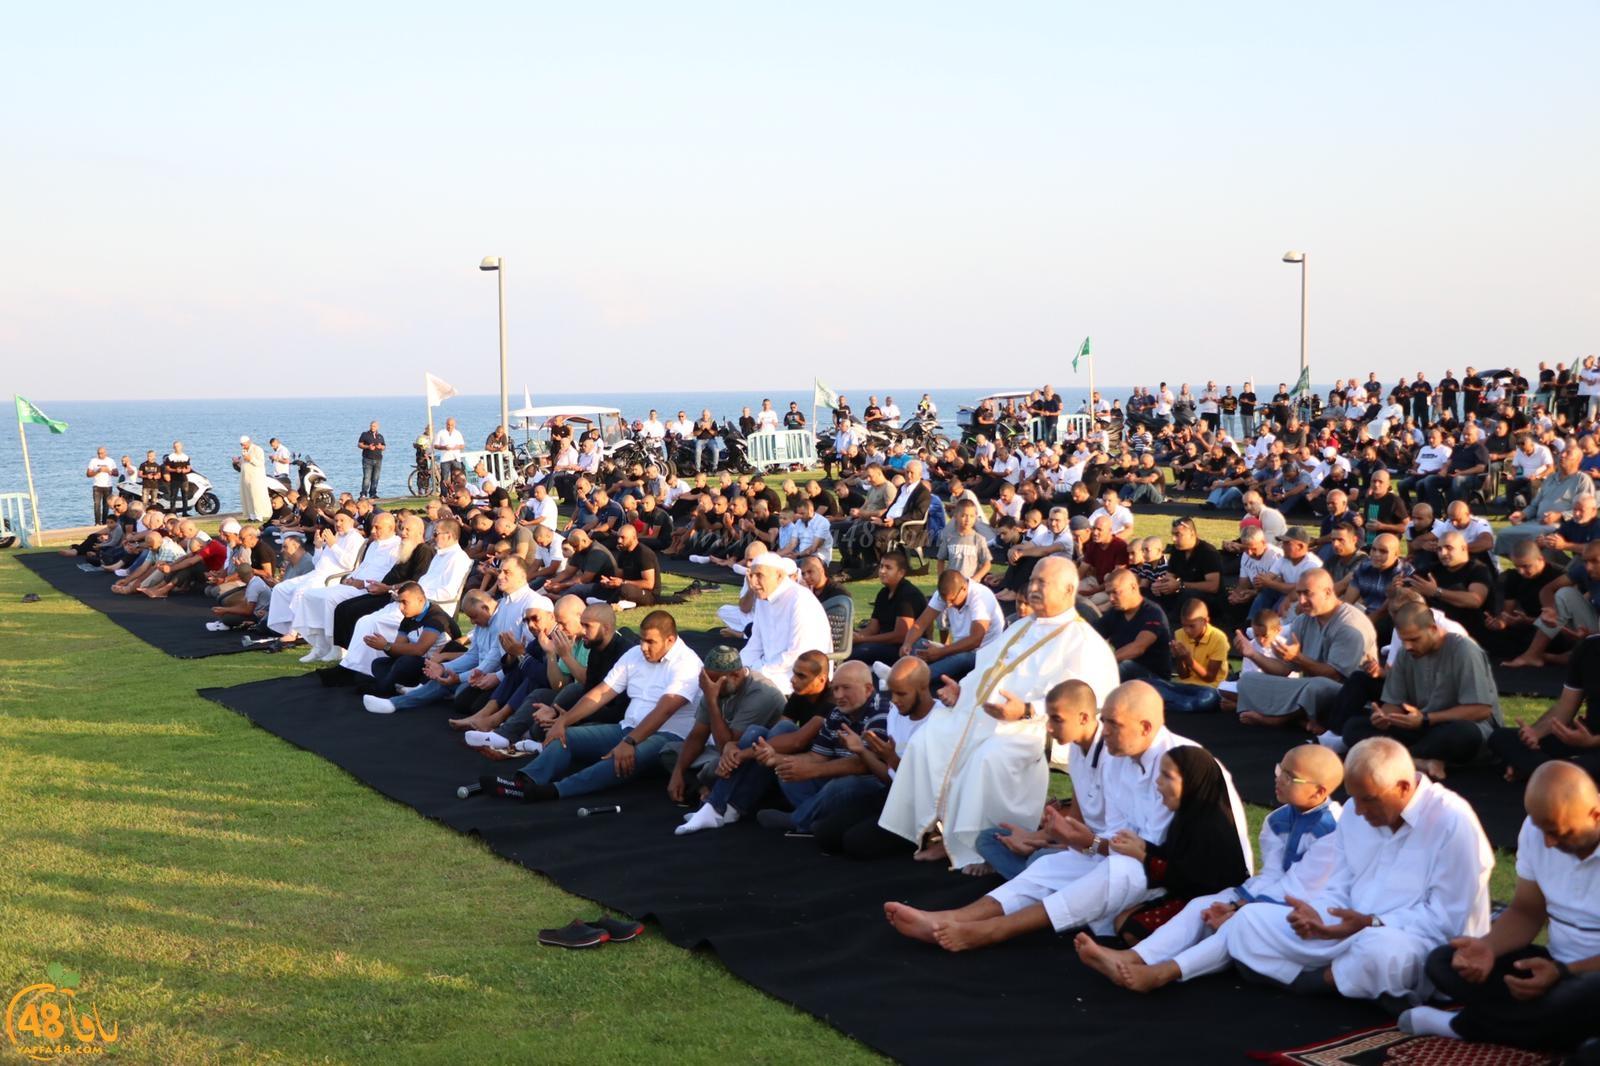 فيديو: مشاهد جويّة رائعة لصلاة عيد الأضحى في مدينة يافا